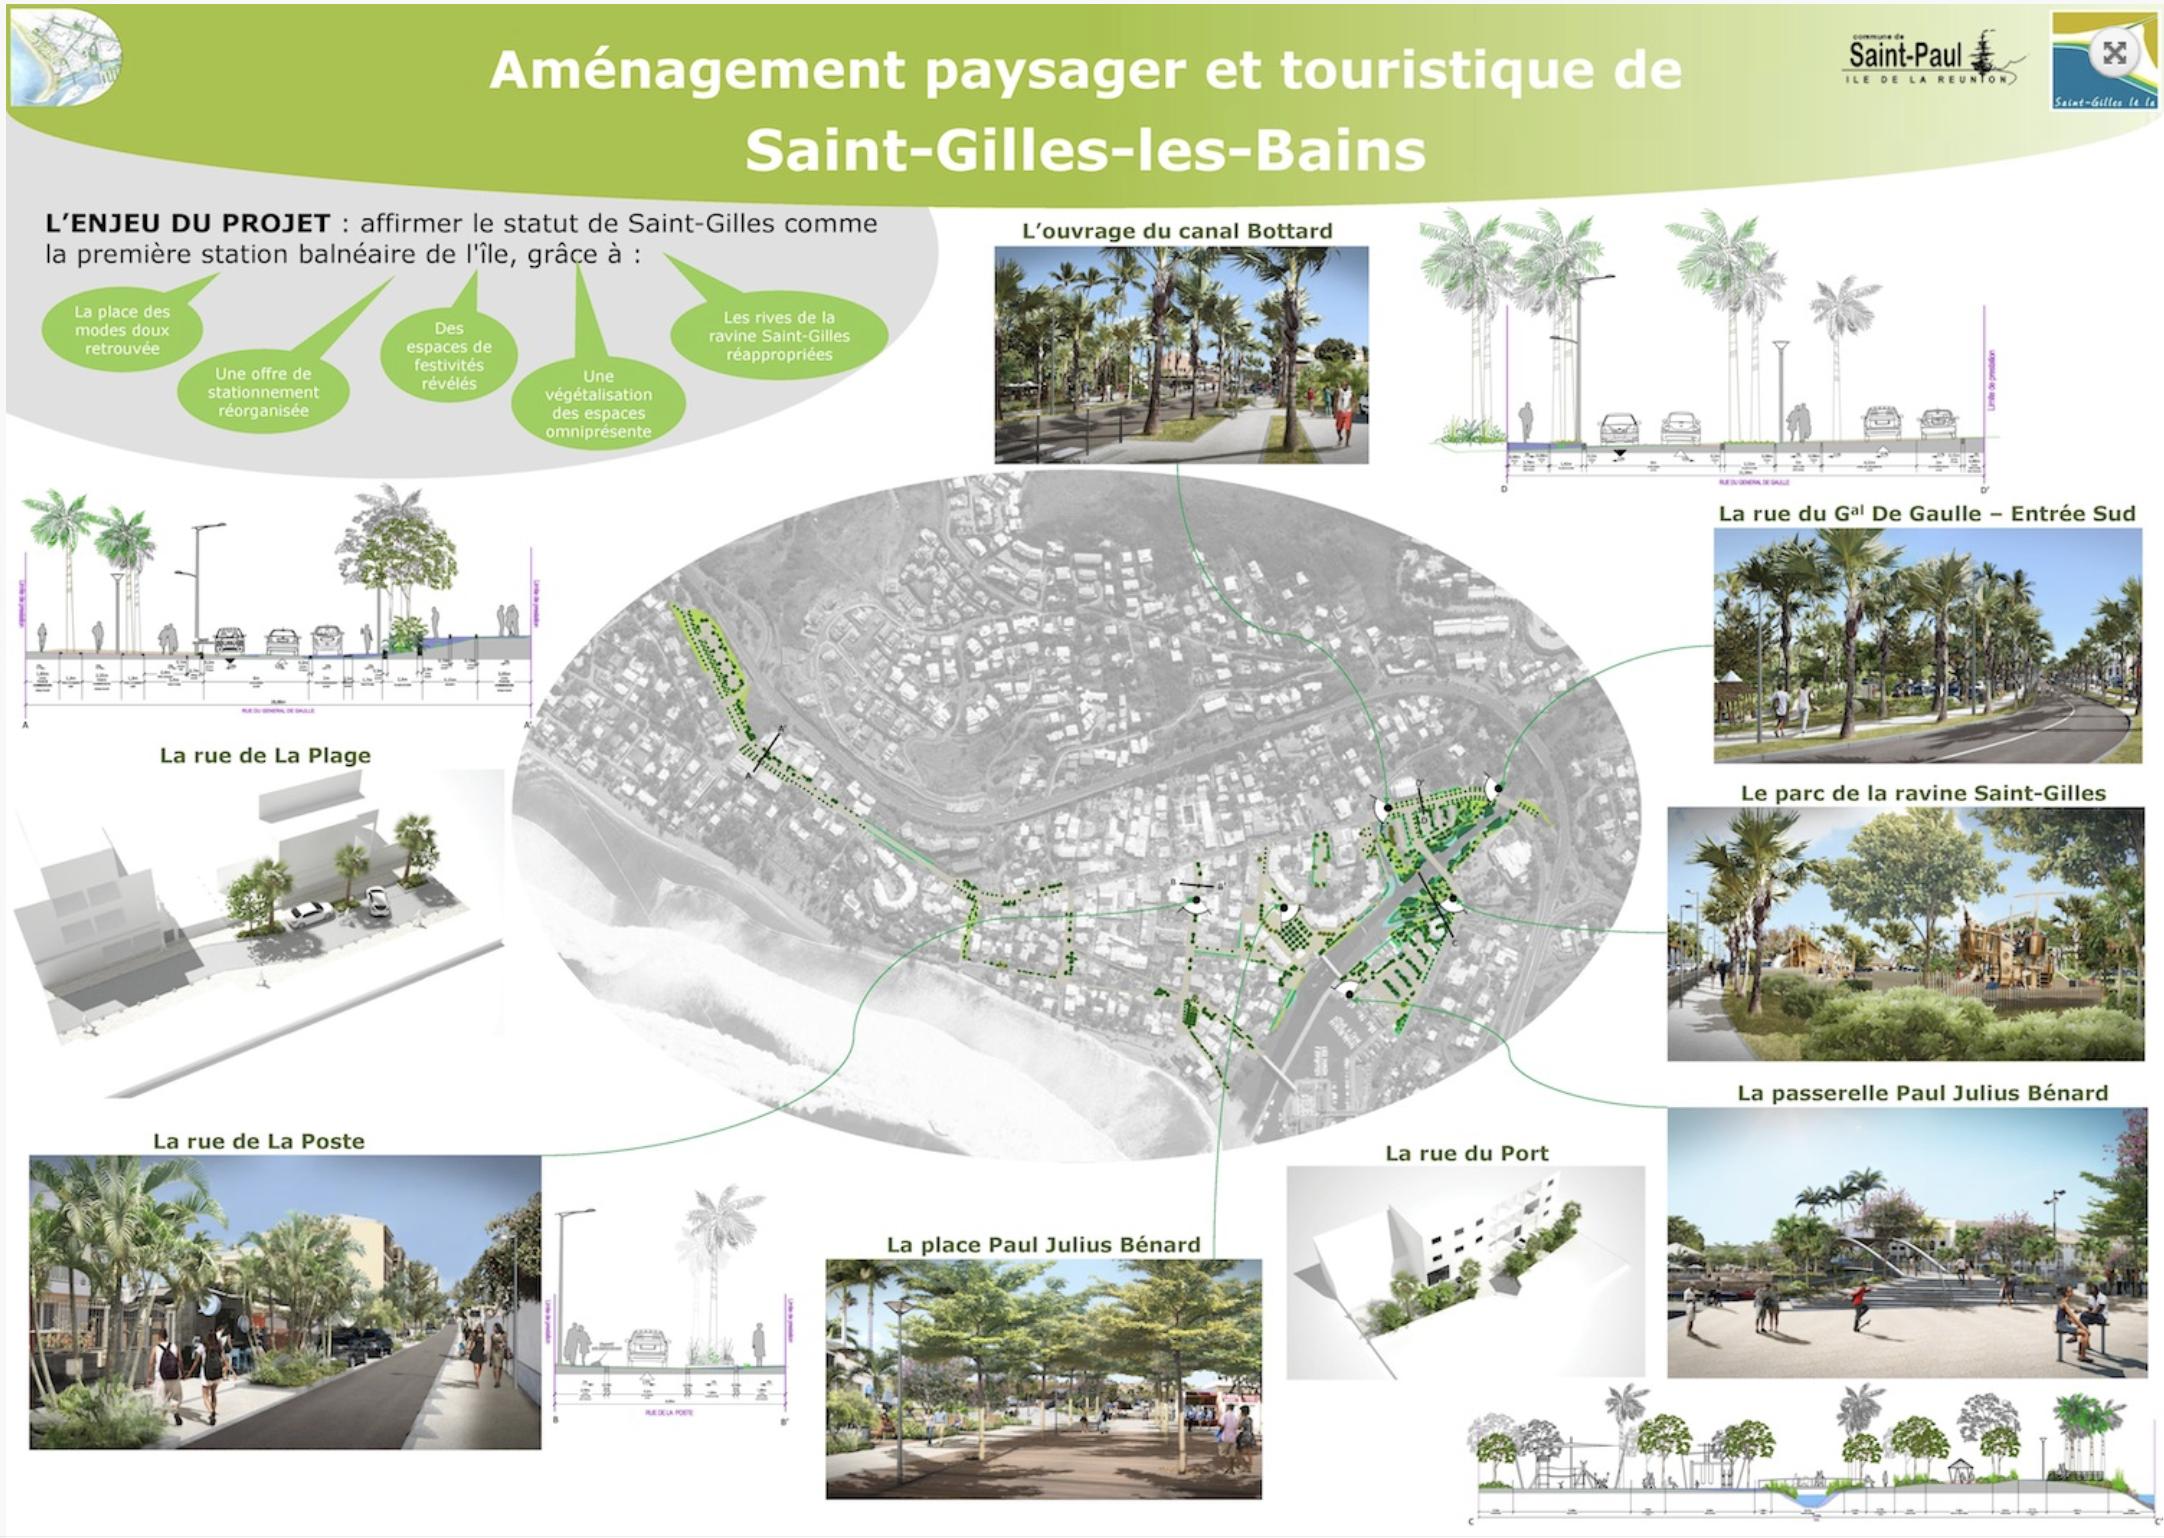 La rénovation urbaine de Saint-Gilles-les-Bains